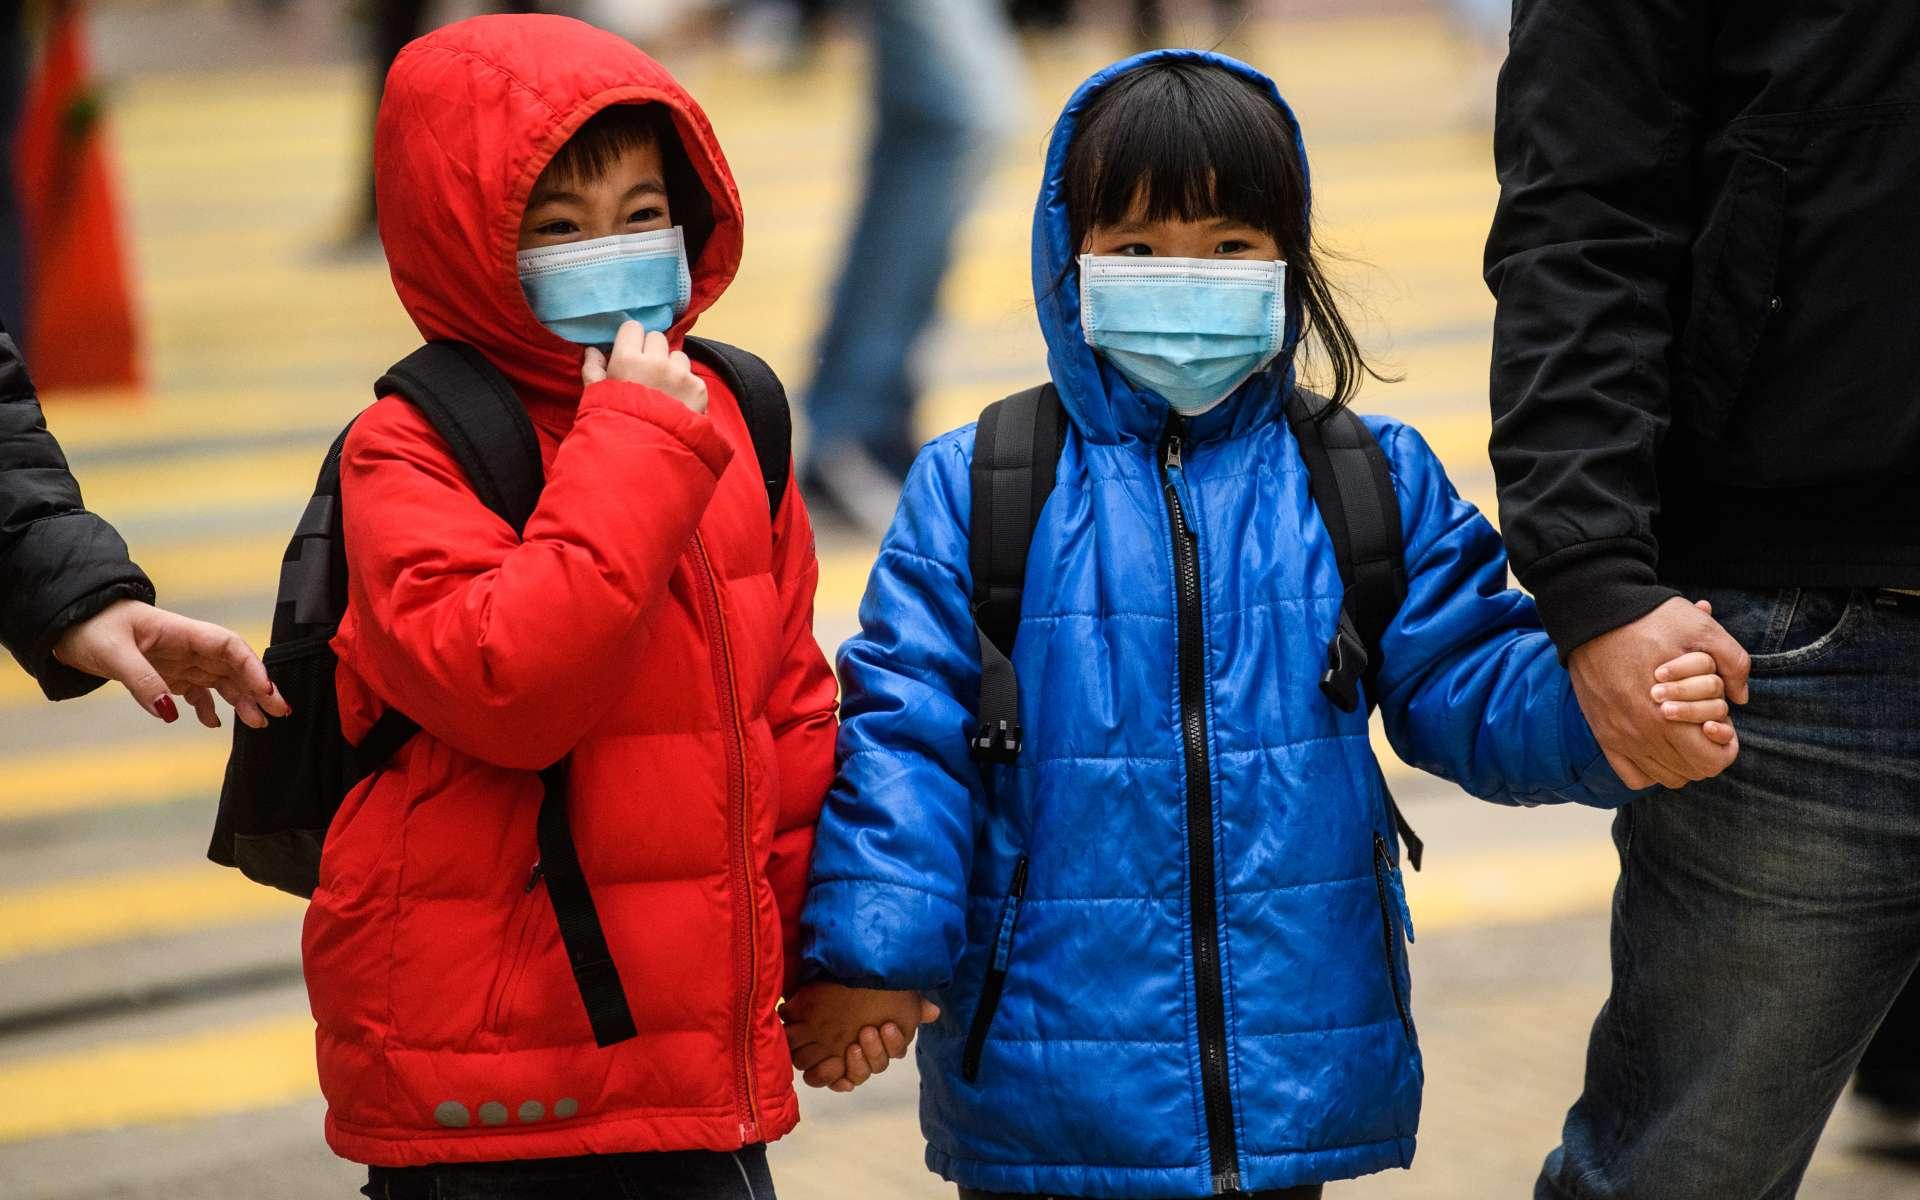 La Chine prend des mesures de confinement dans de nouvelles villes chinoises plus loin de l'épicentre du virus. © Anthony Wallace, AFP